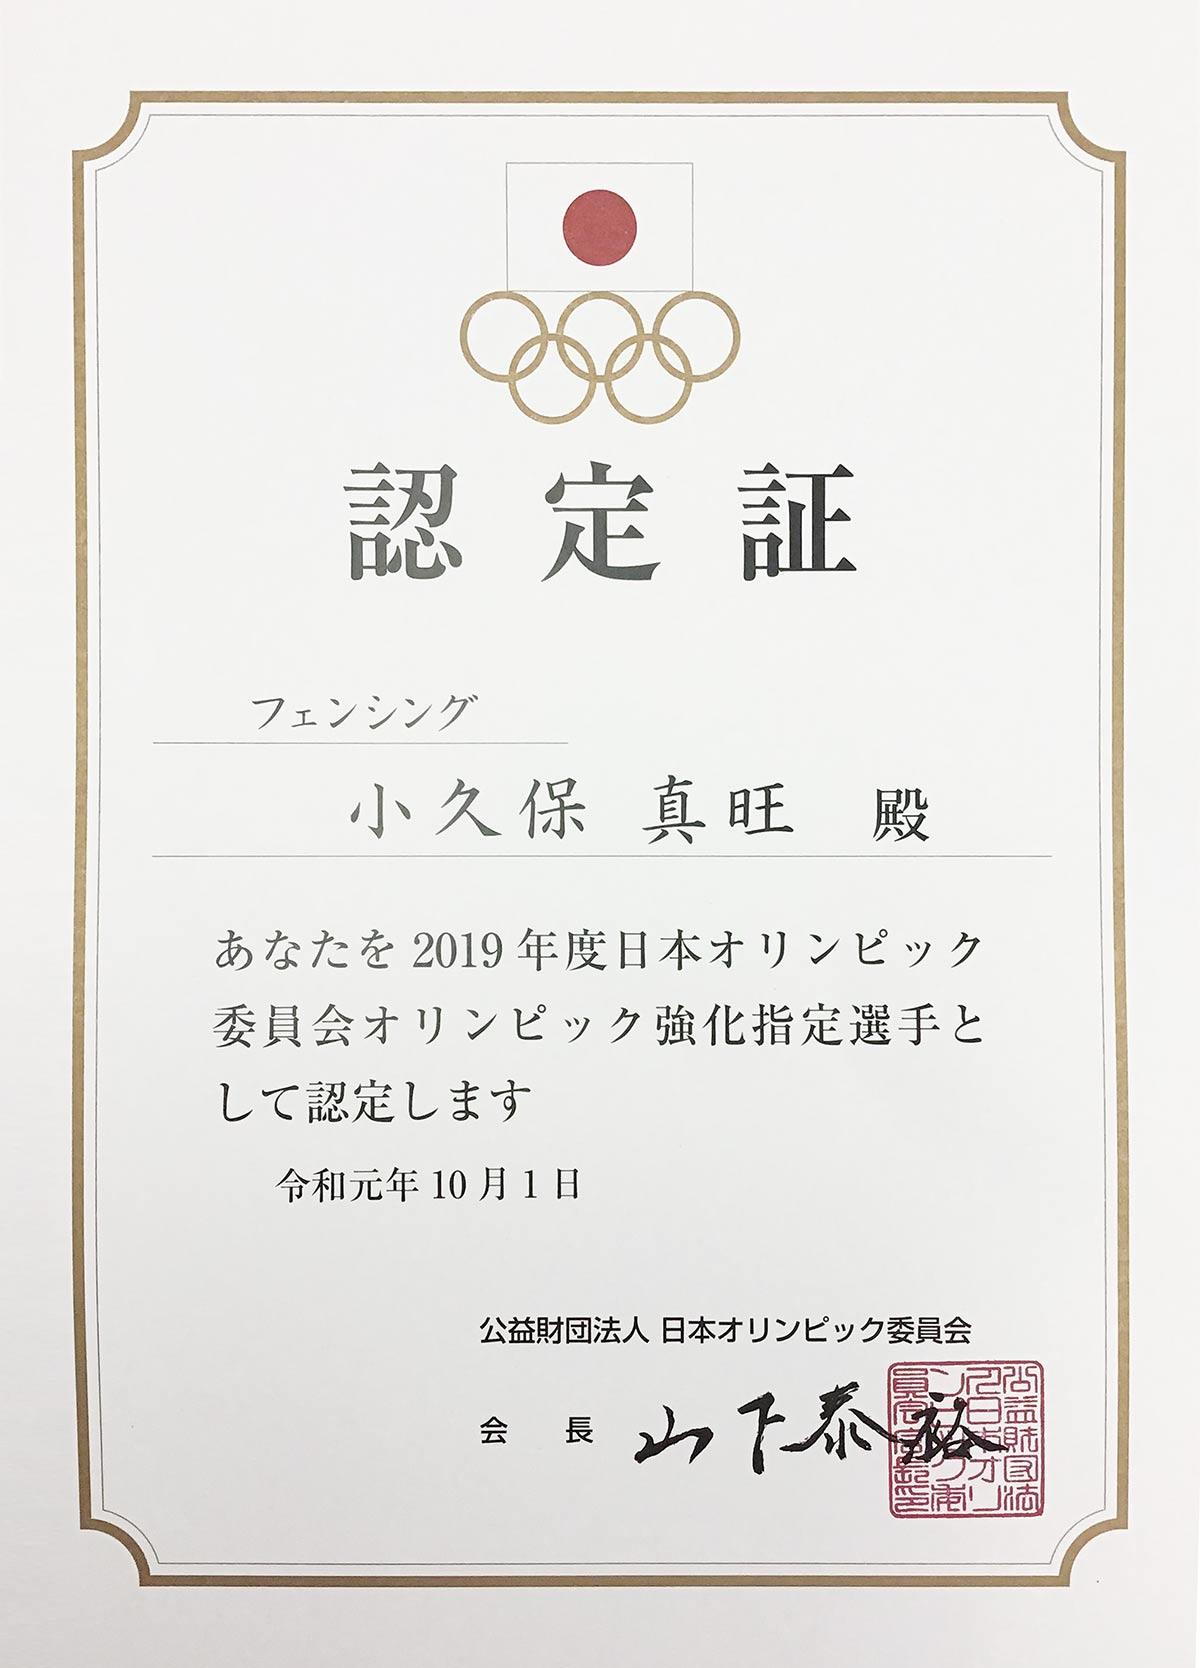 2019年度JOCオリンピック強化指定選手(フェンシング競技)に認定!